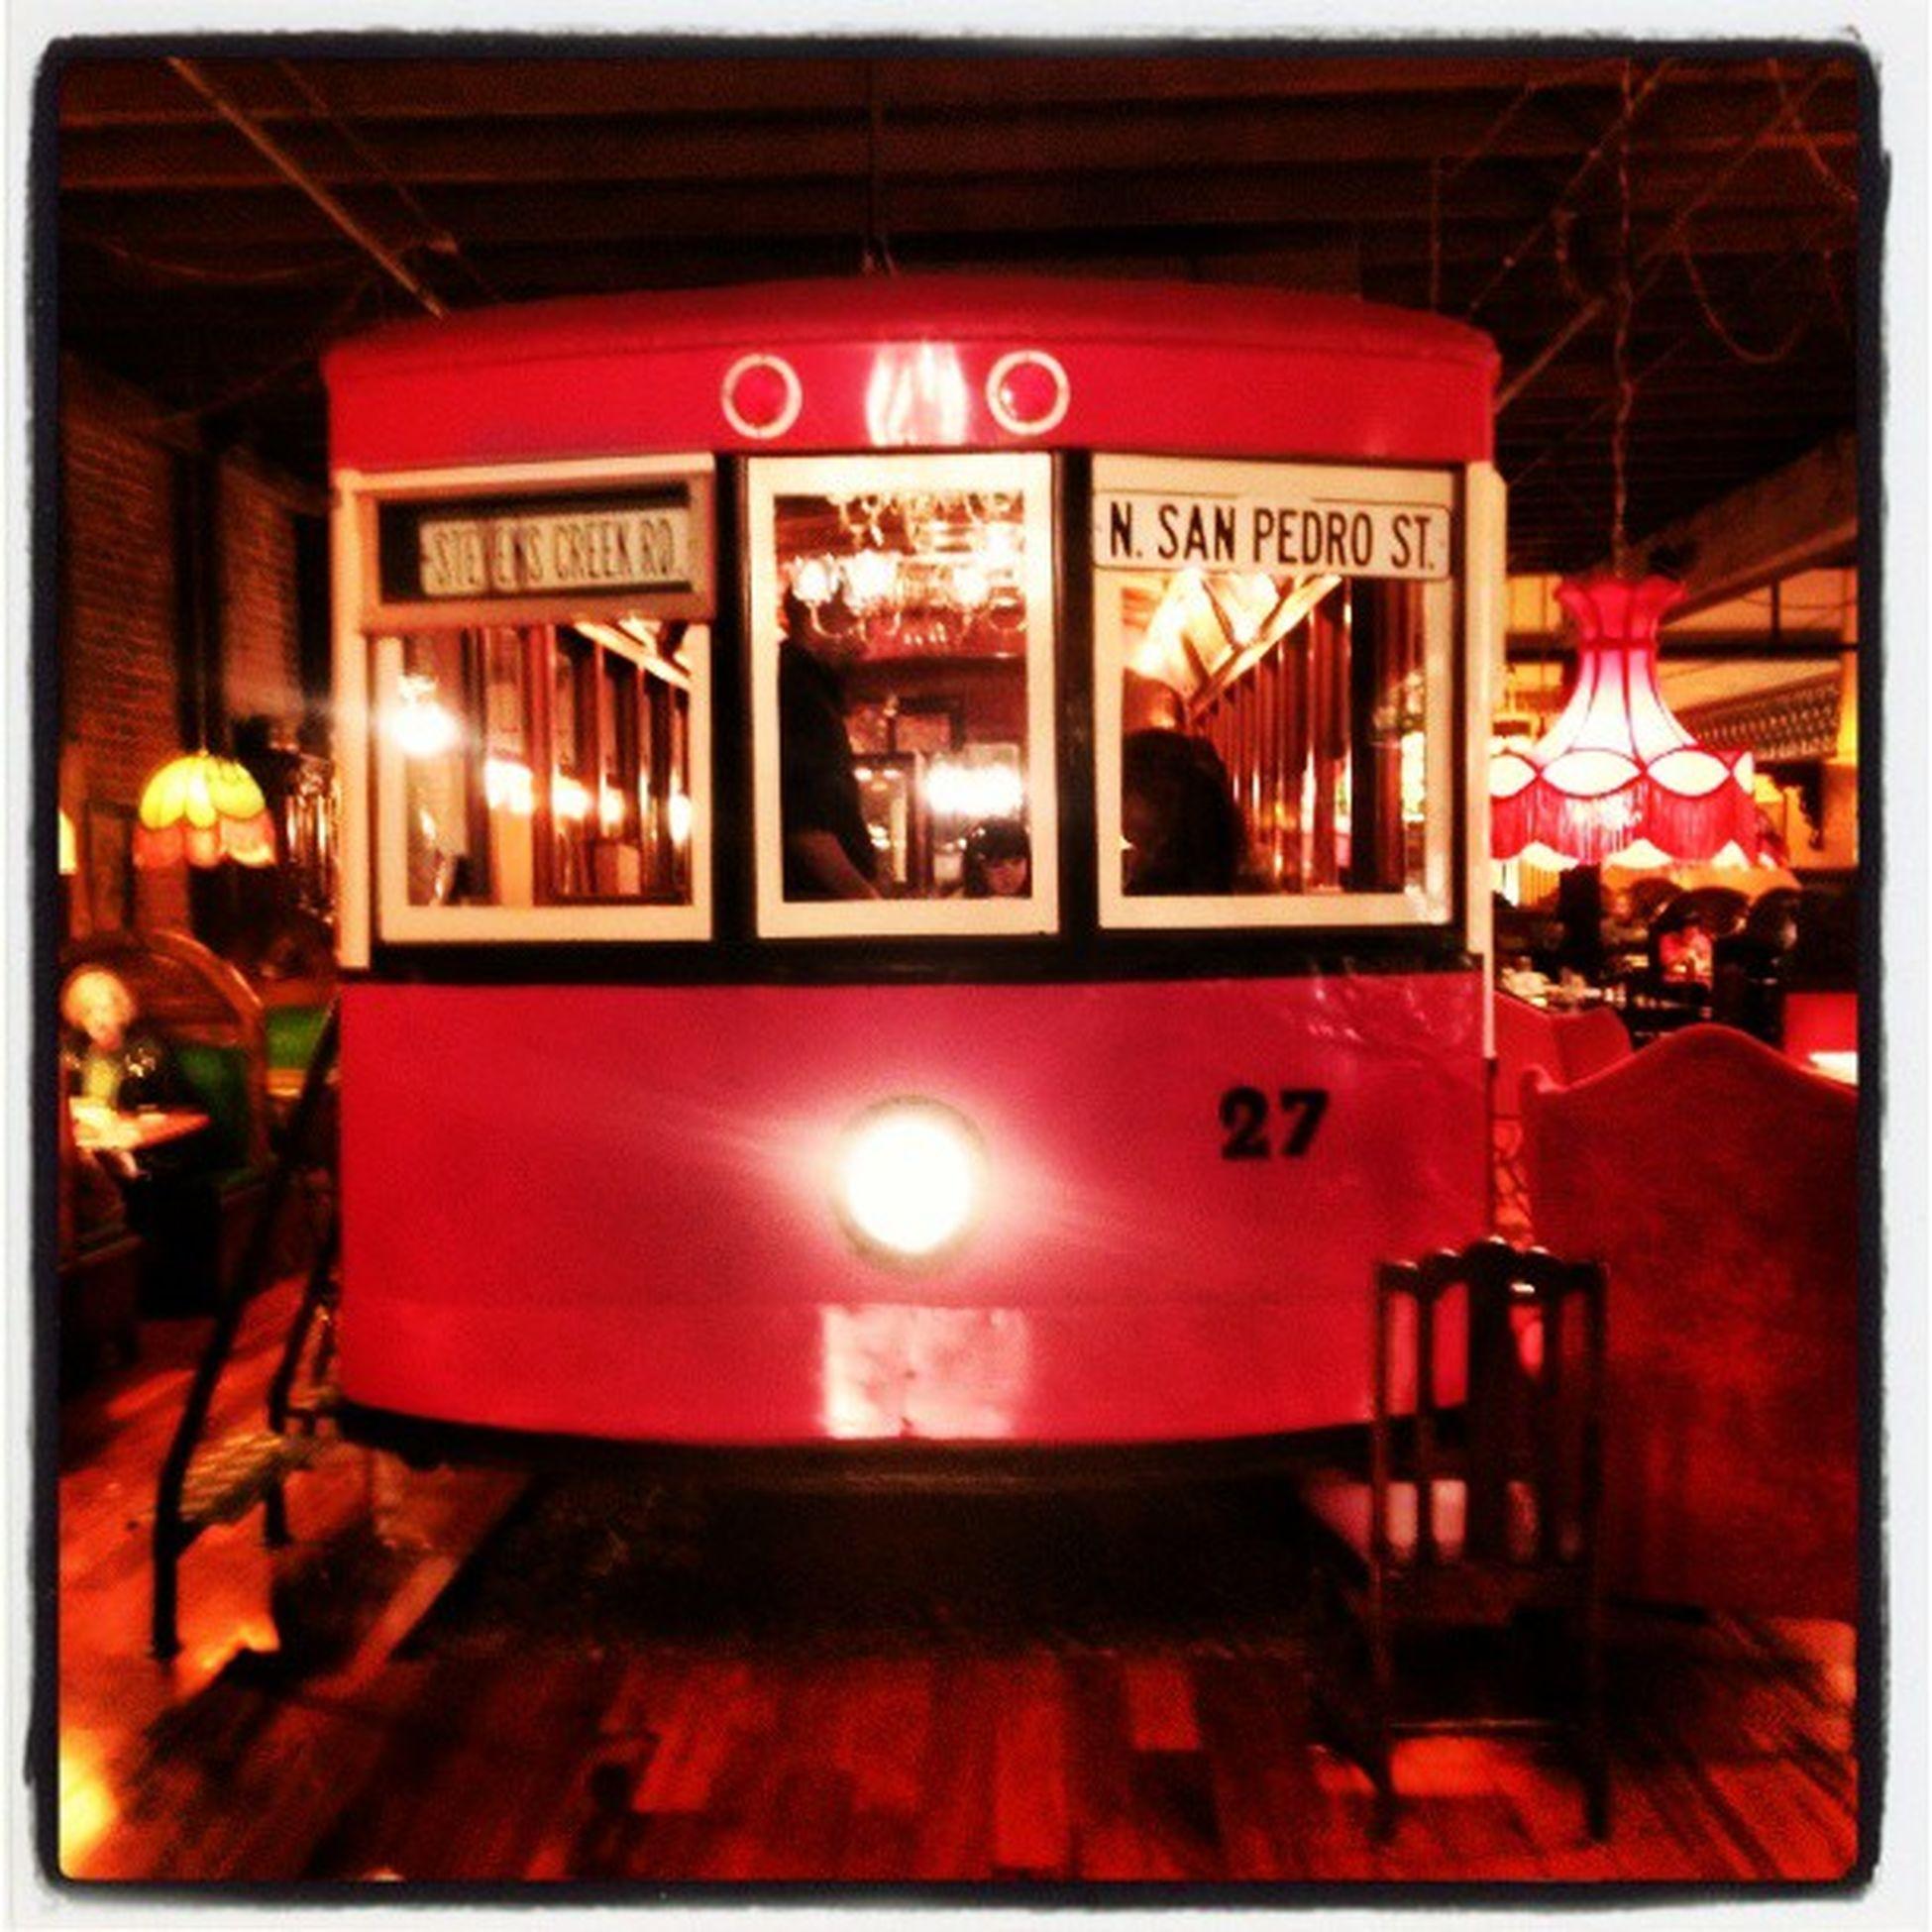 Choo! Choo! Down the spaghetti line... Restaurant Train Spaghetti